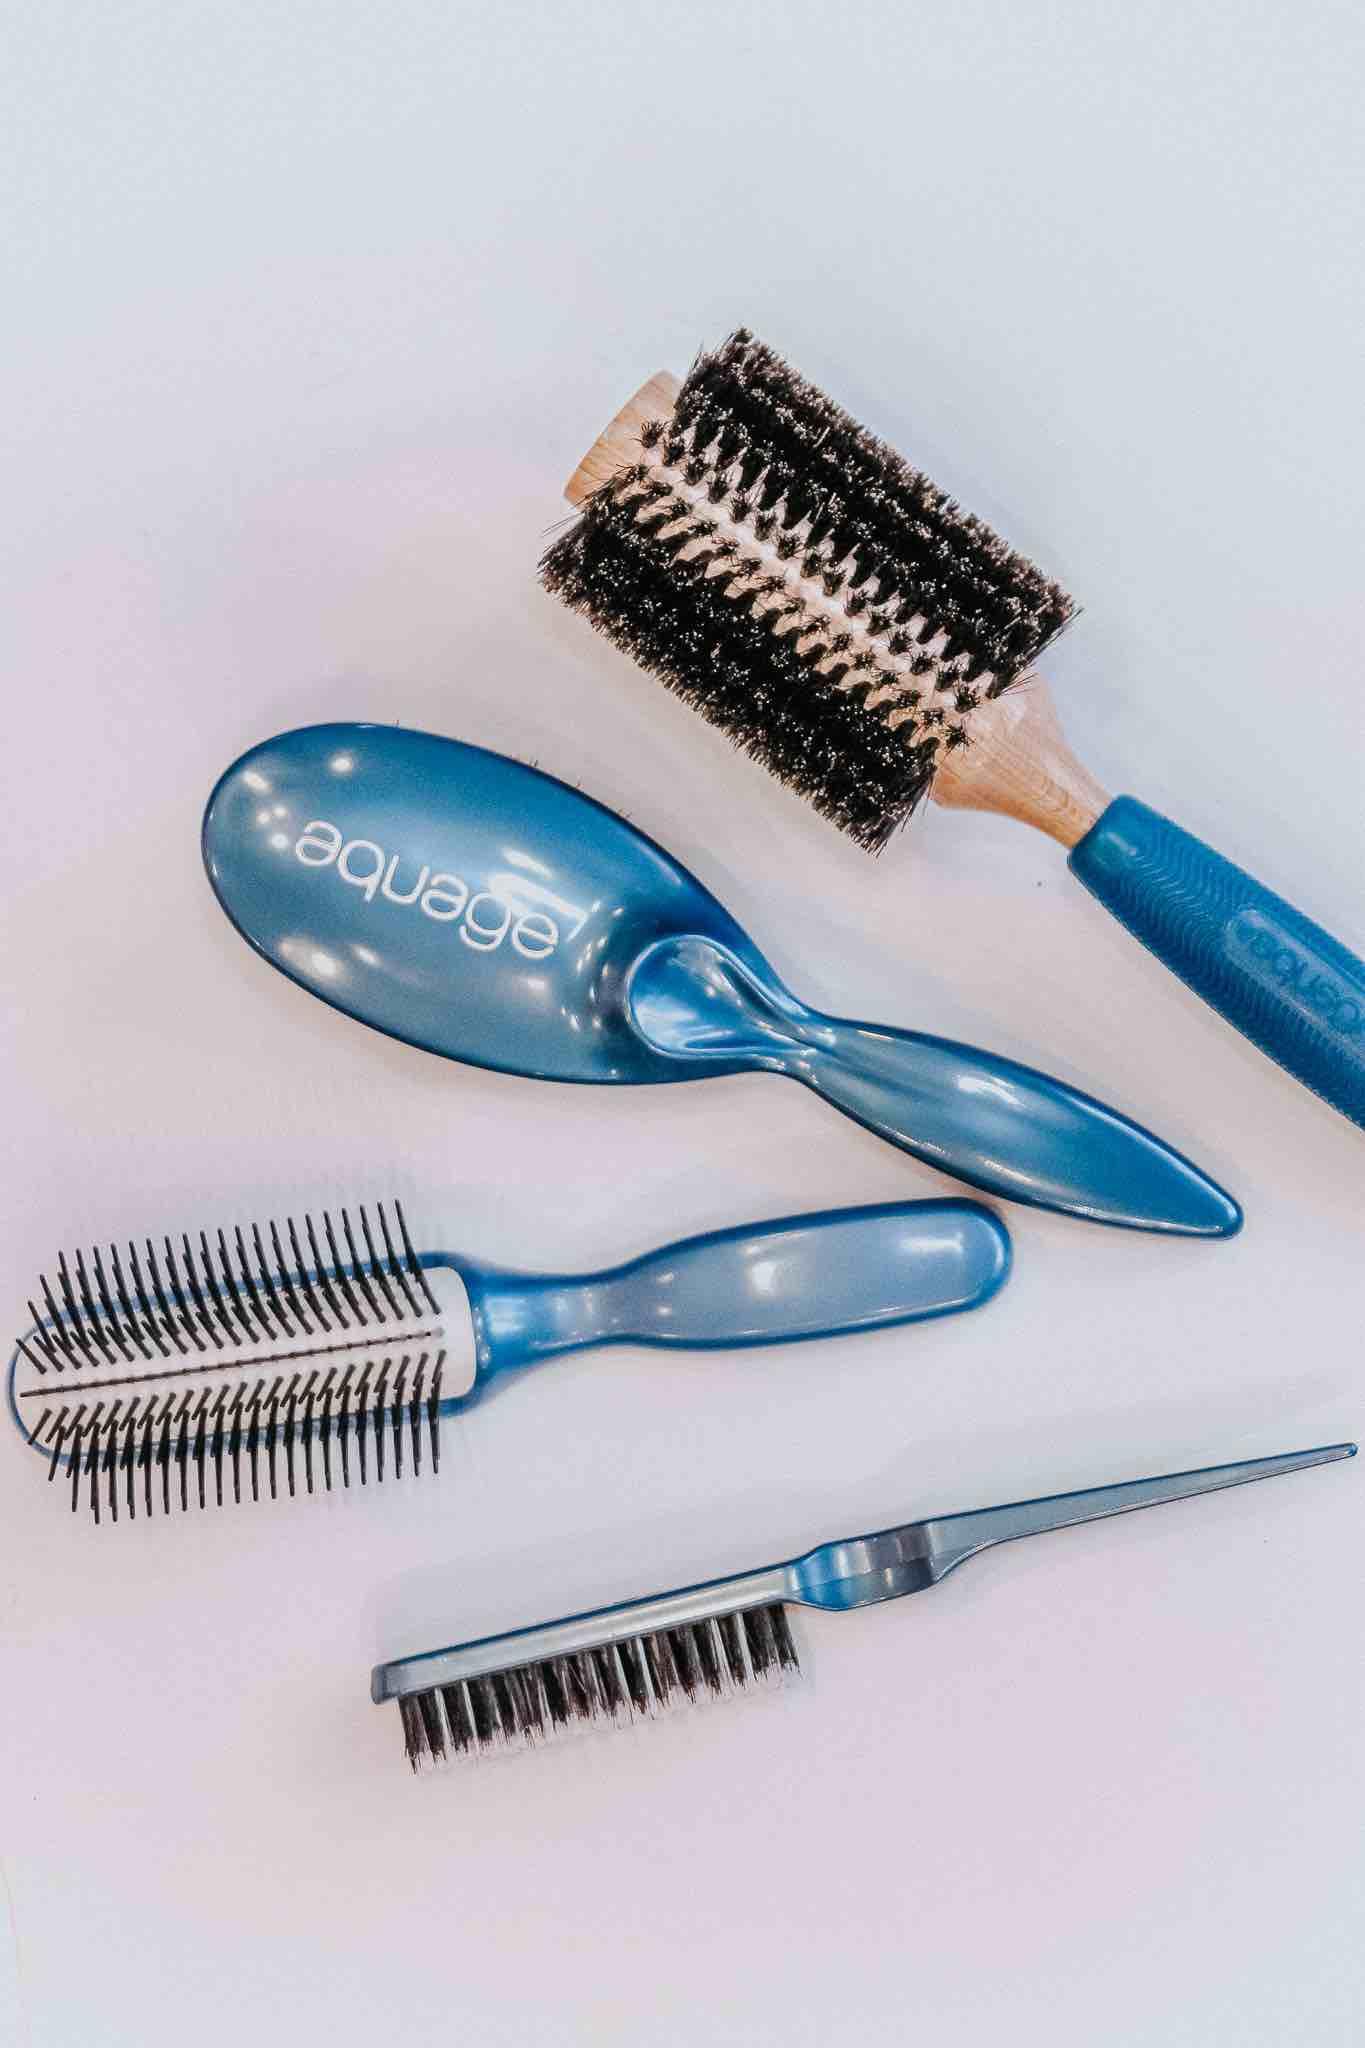 Aquage Brushes